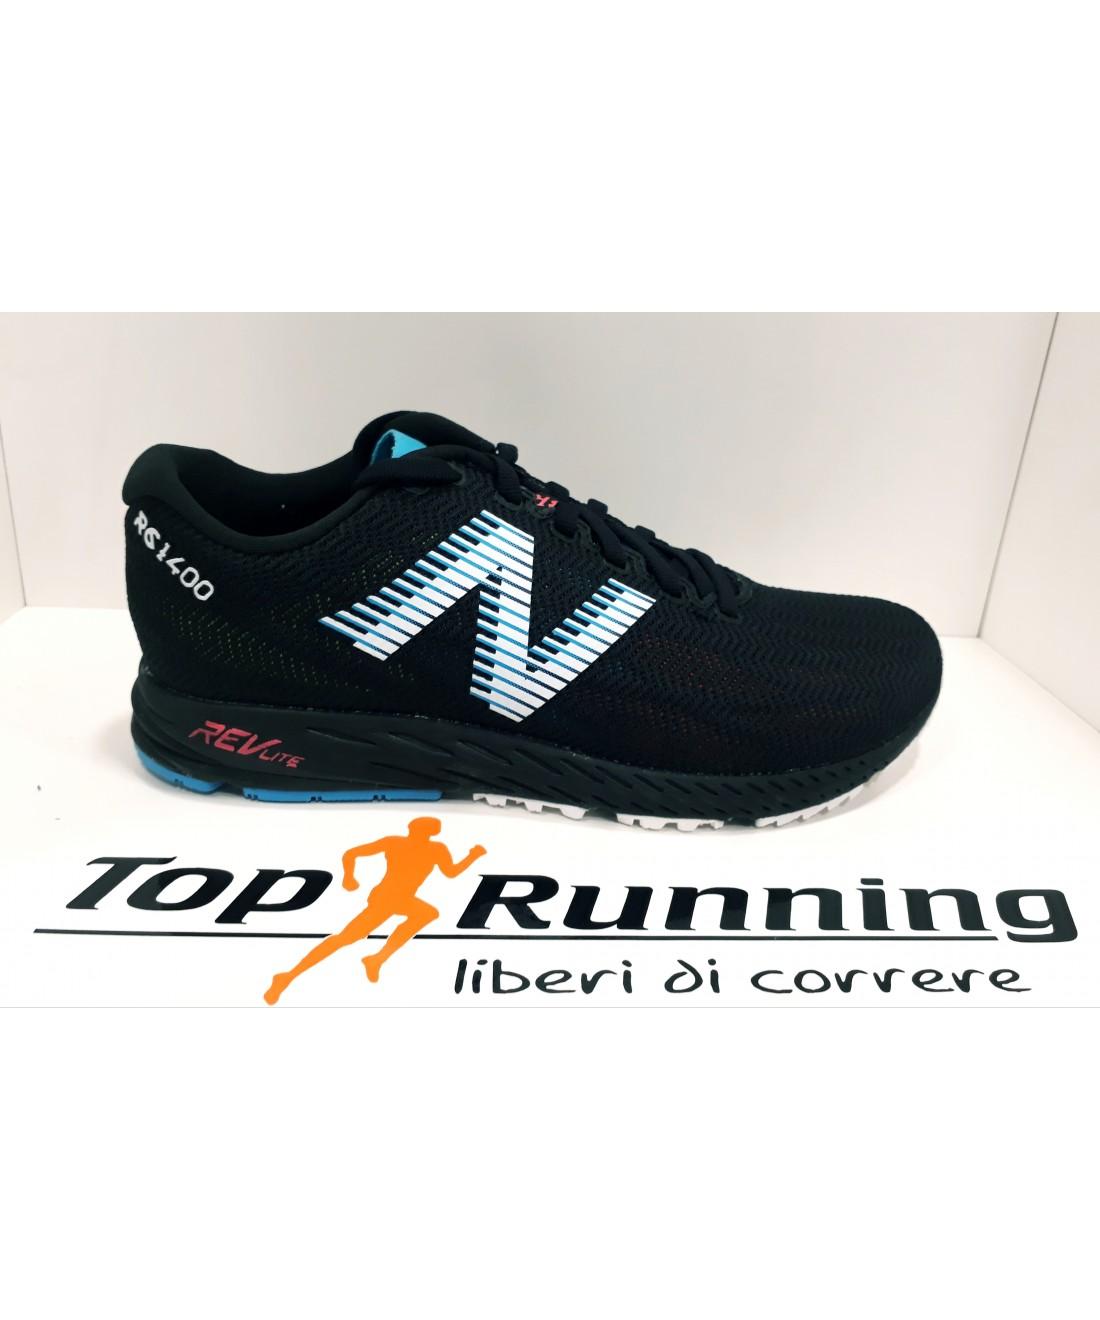 new balance 1400 uomo running